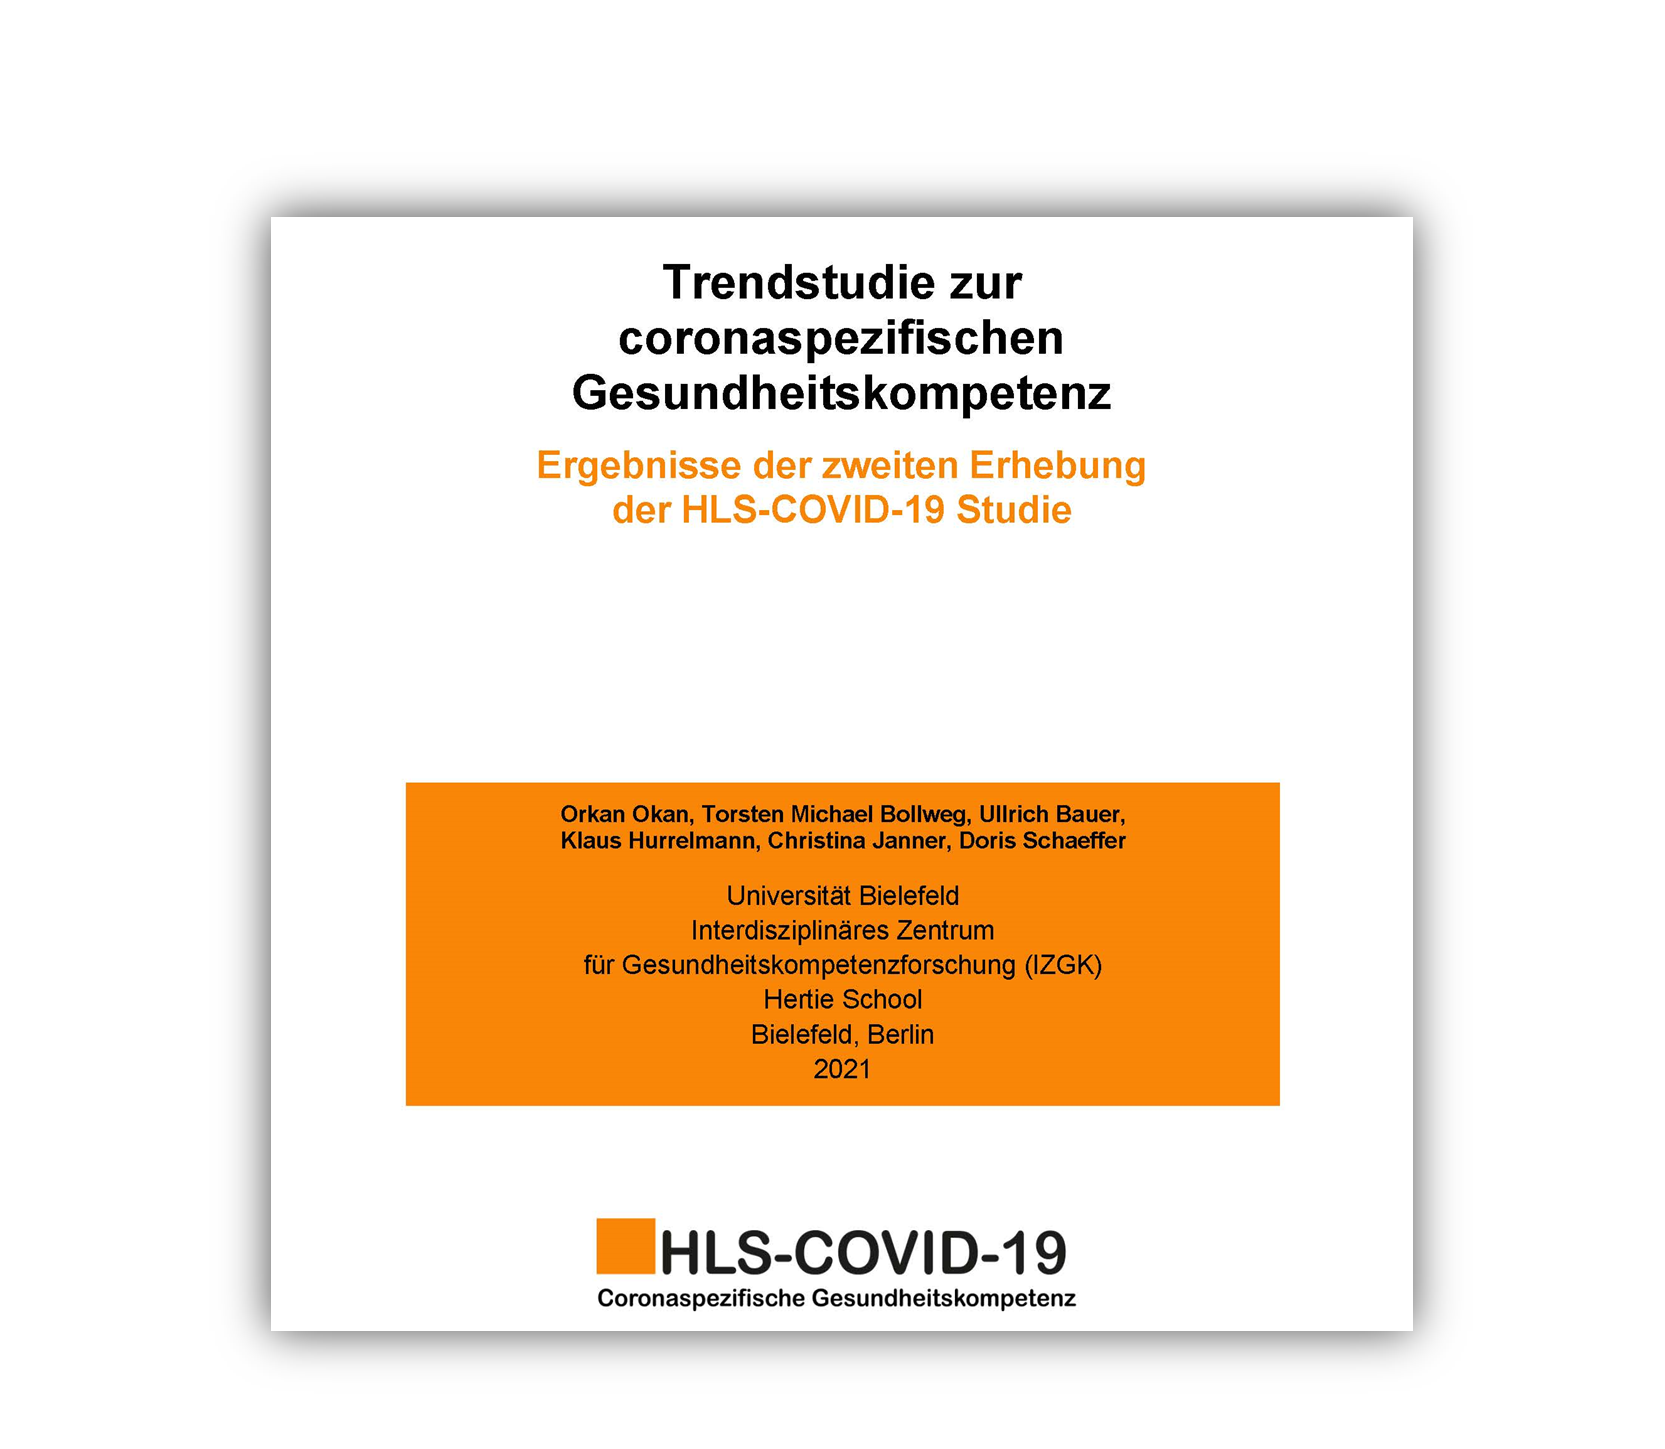 Ergebnisse der zweiten Erhebung der HLS-COVID-19 Studie